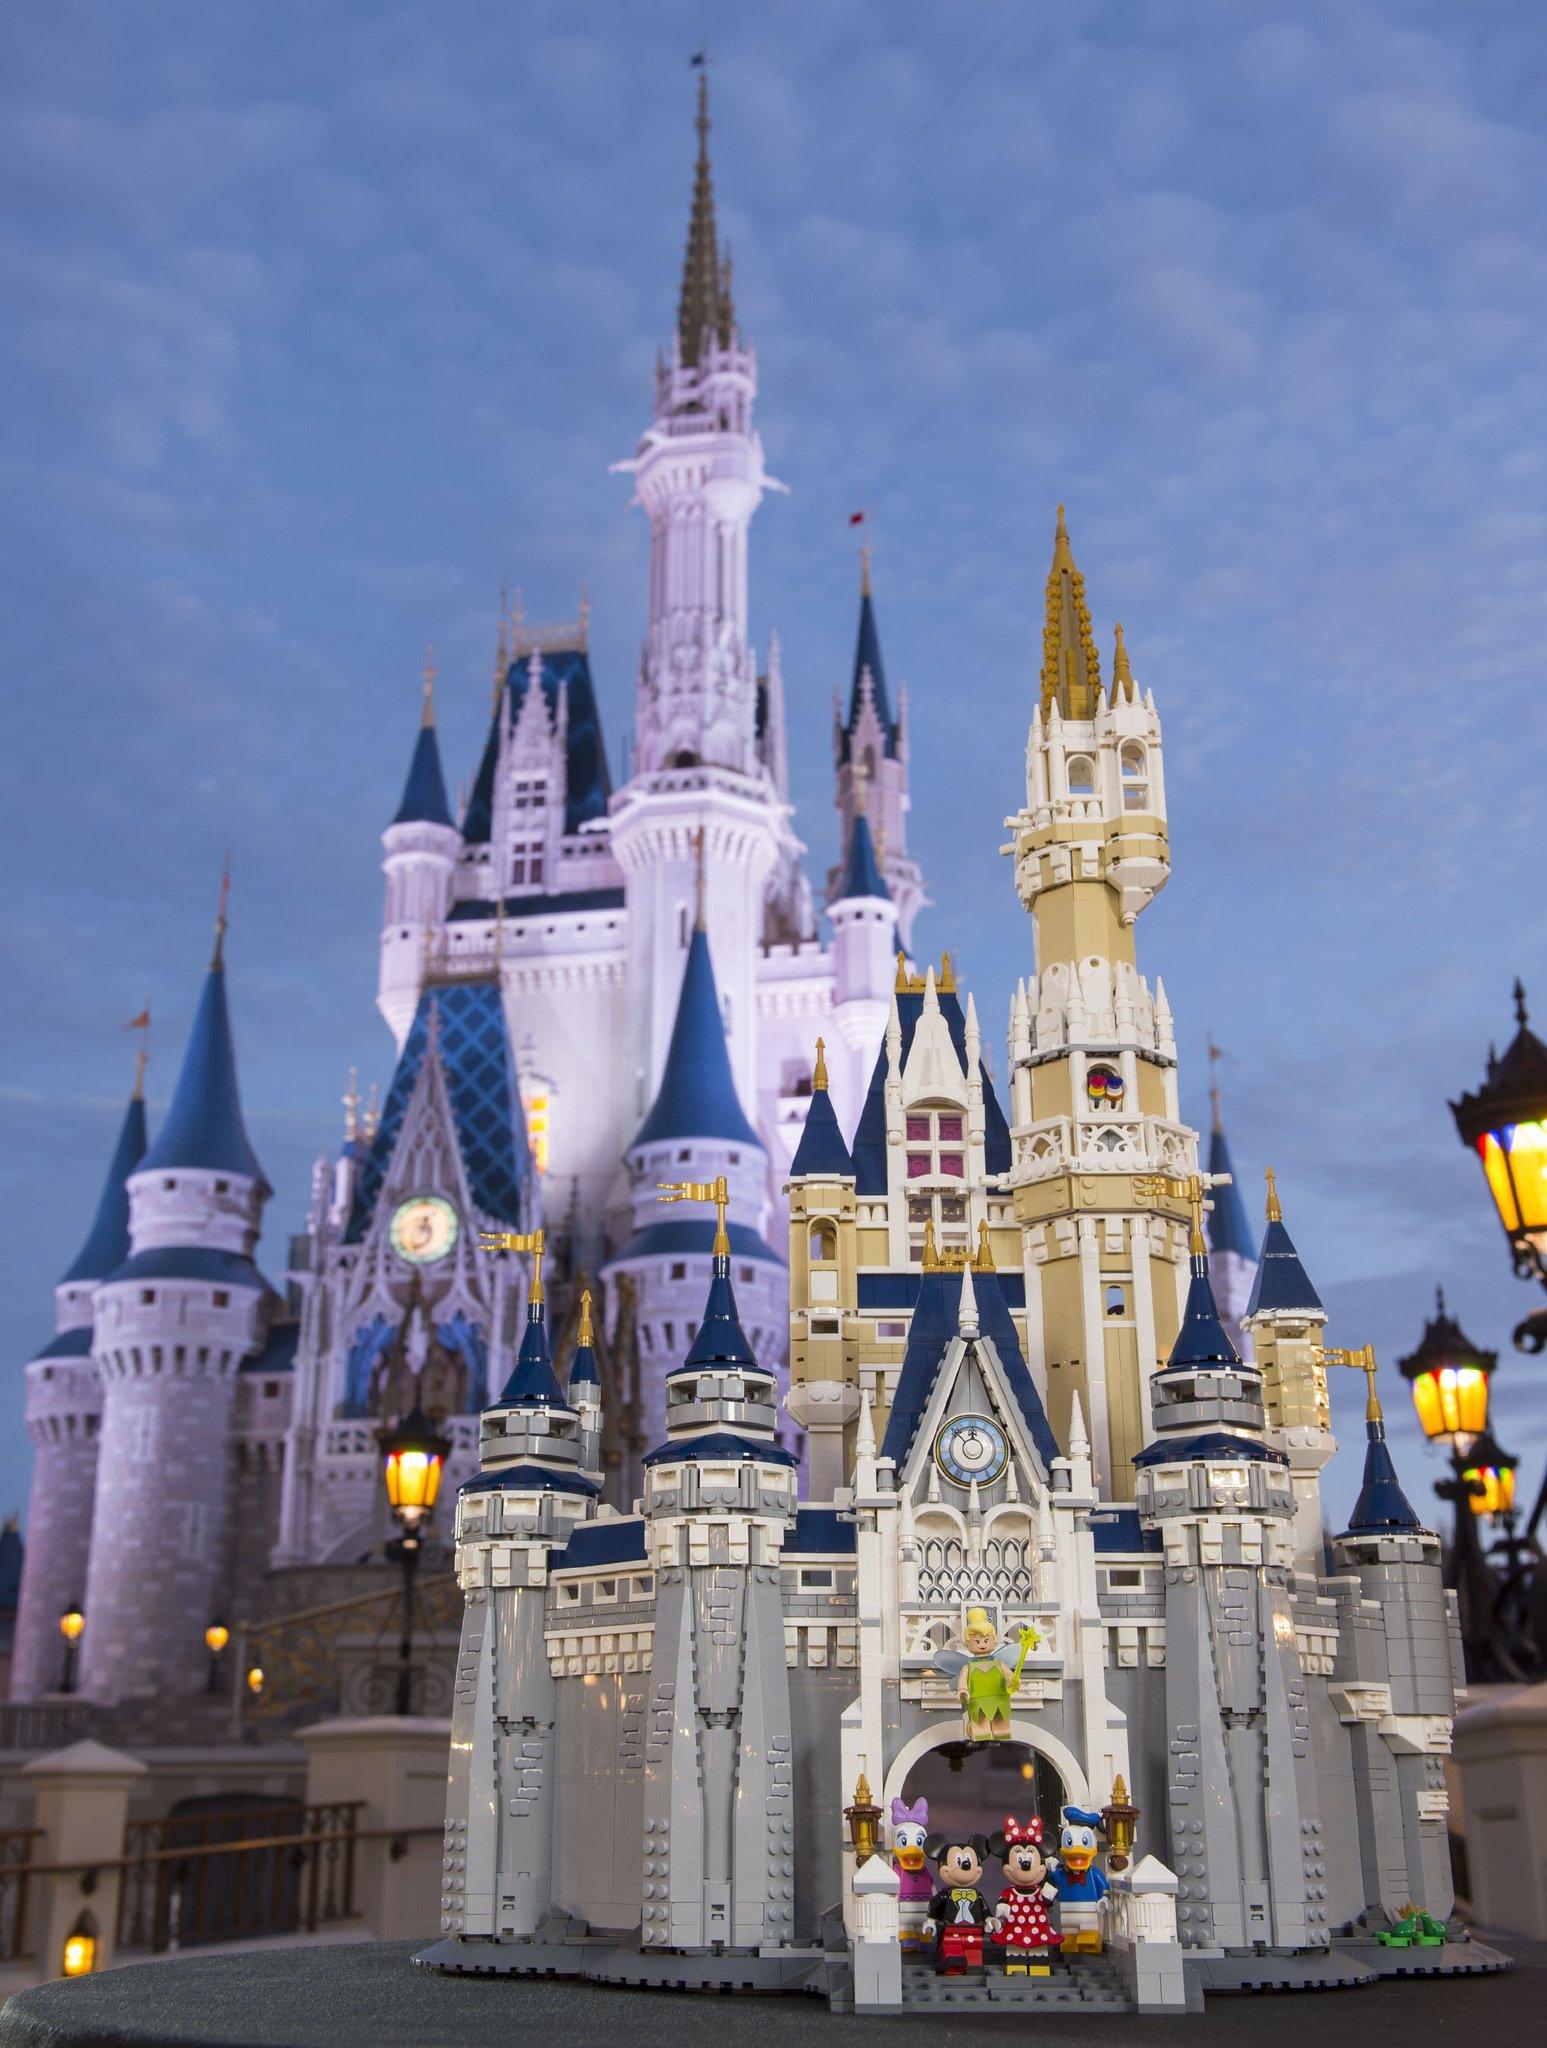 Lego Disney Castle Coming This Septemberwdw Radio